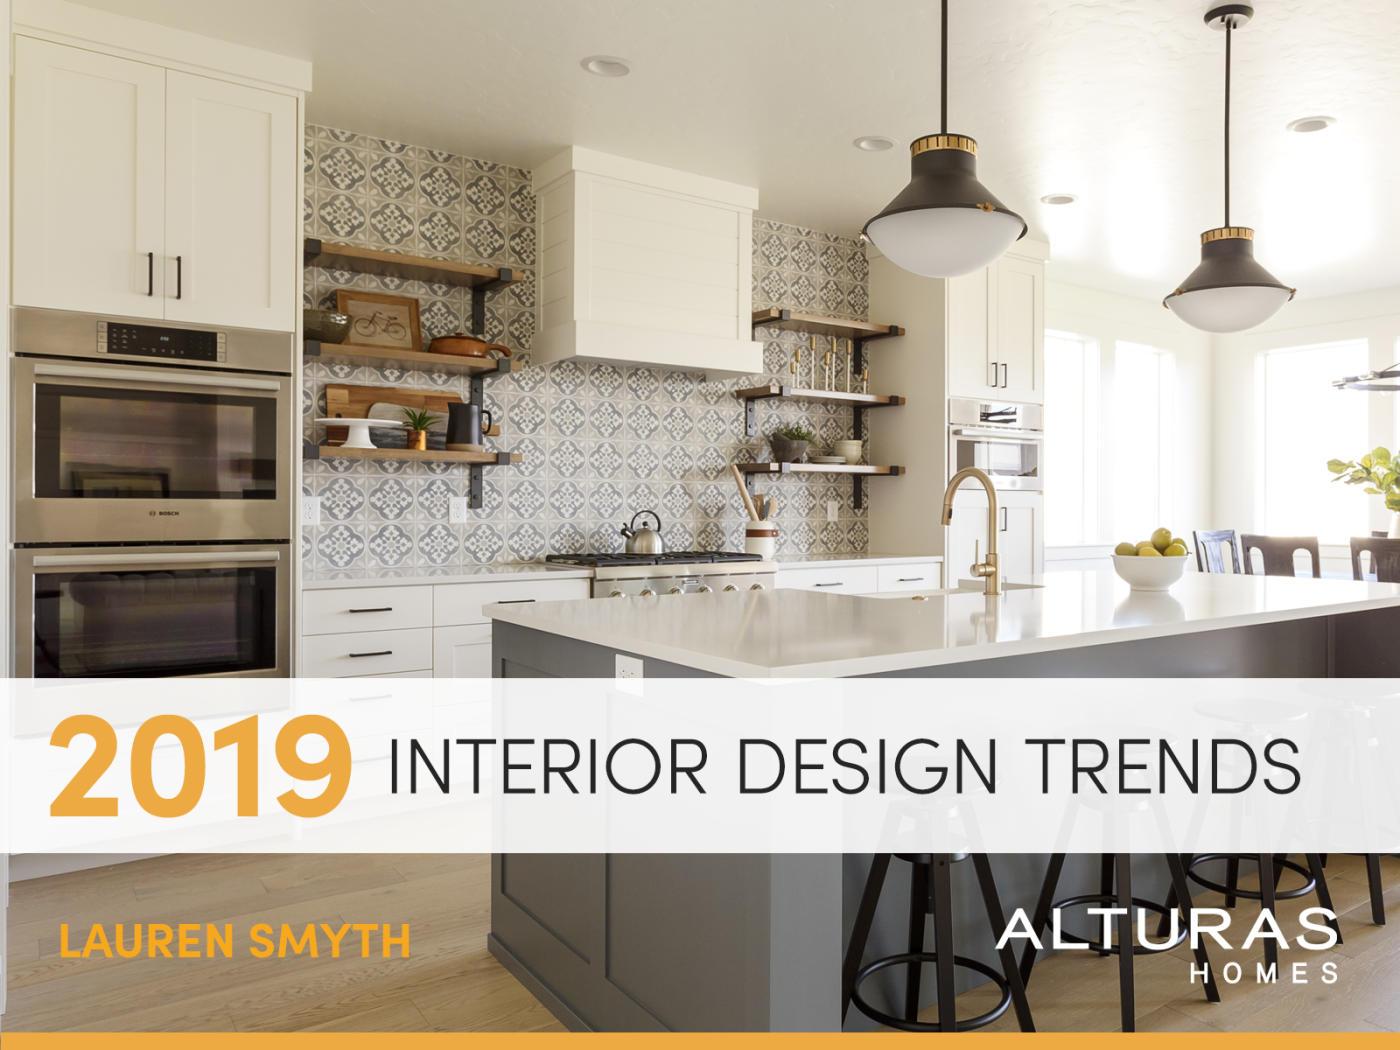 2019 home interior design trends - 2019 home design trends ...